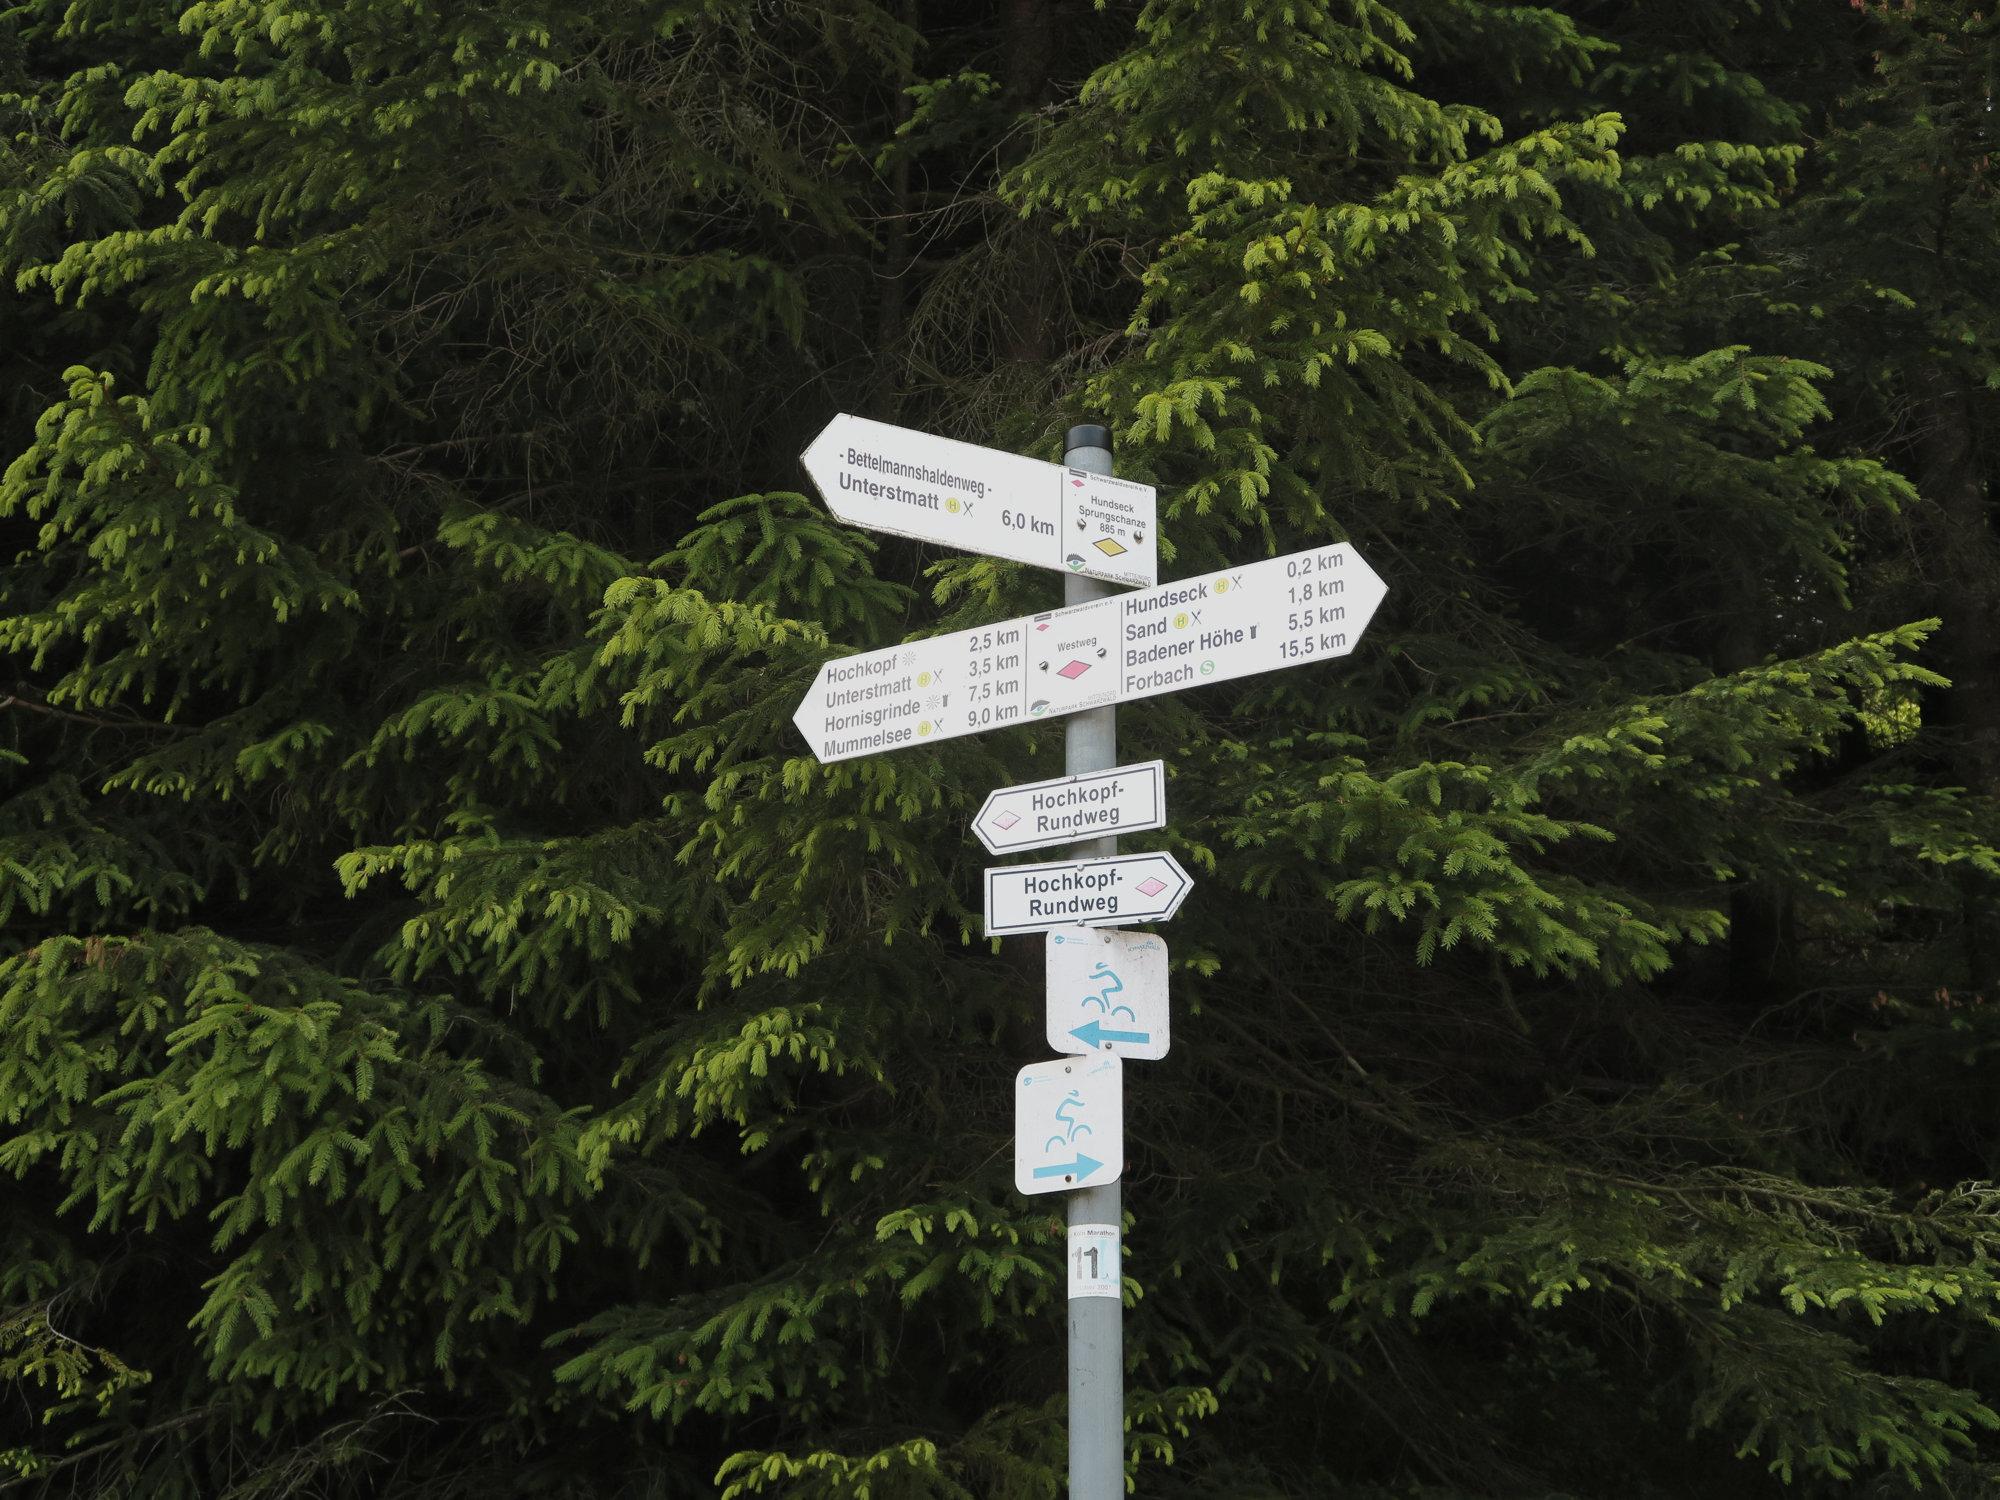 Wegweiser im Schwarzwald - immer gut ausgeschildert